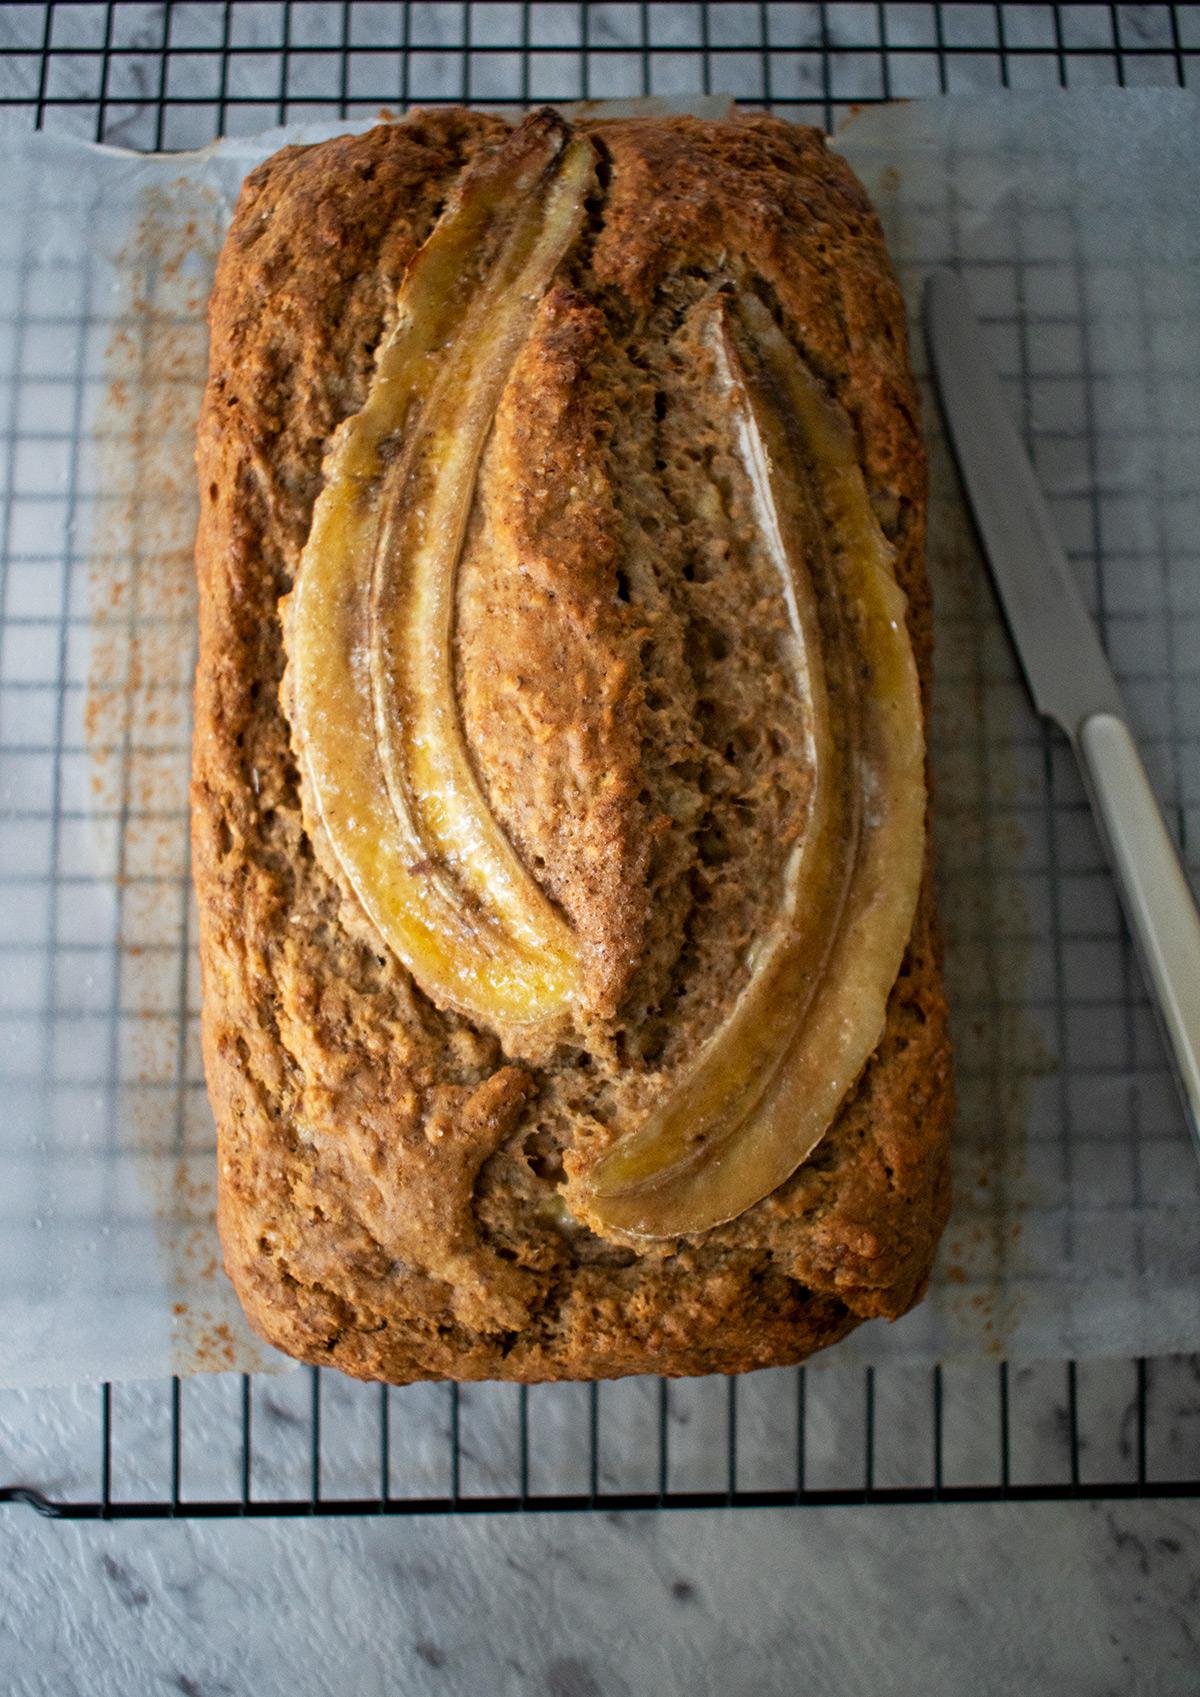 Pan de banana sobre una rejilla con un cuchillo al lado.